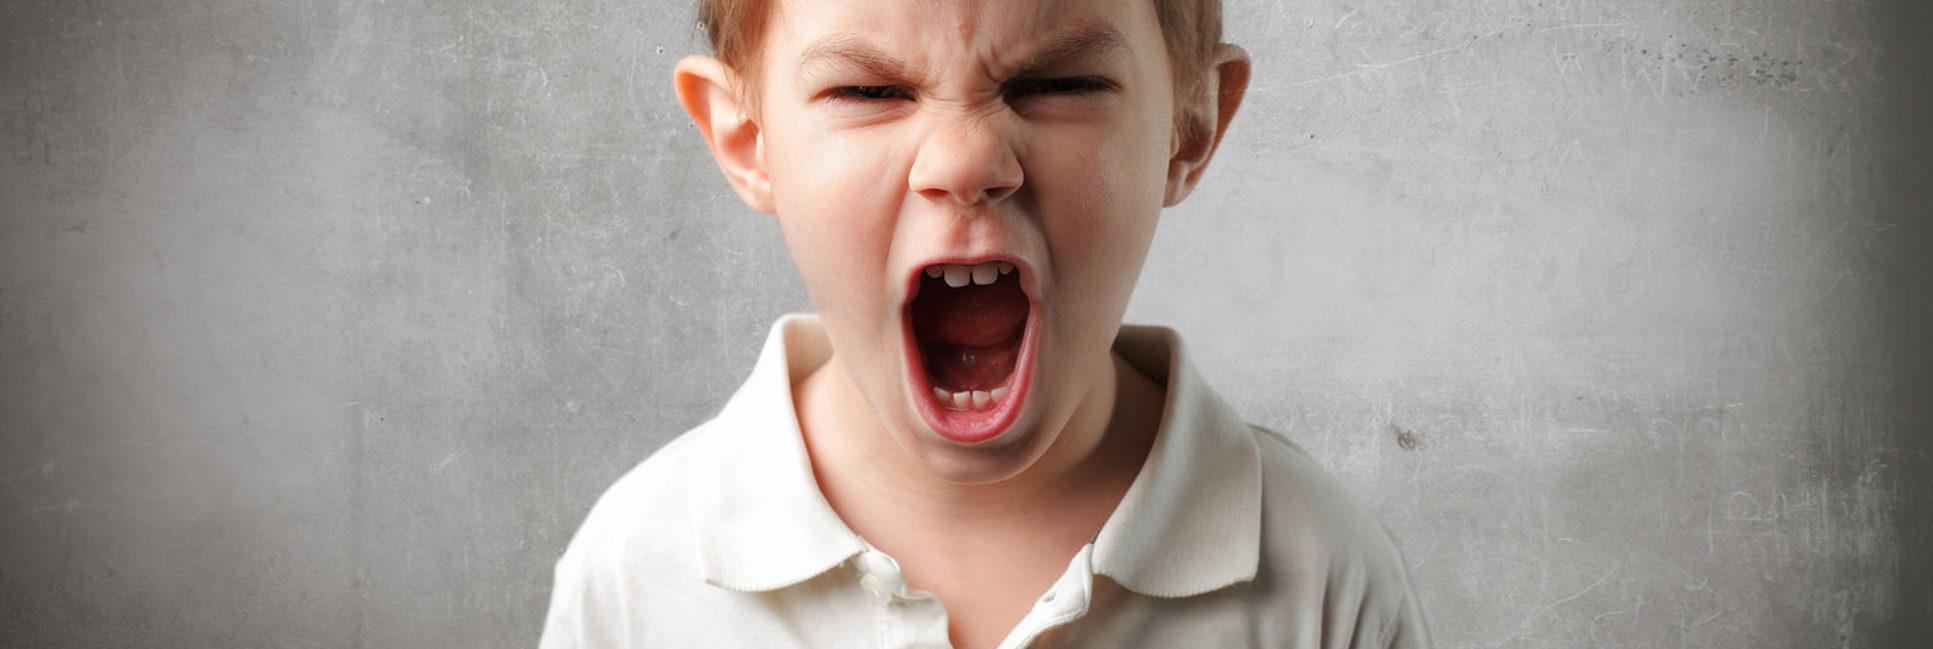 control de la ira en niños